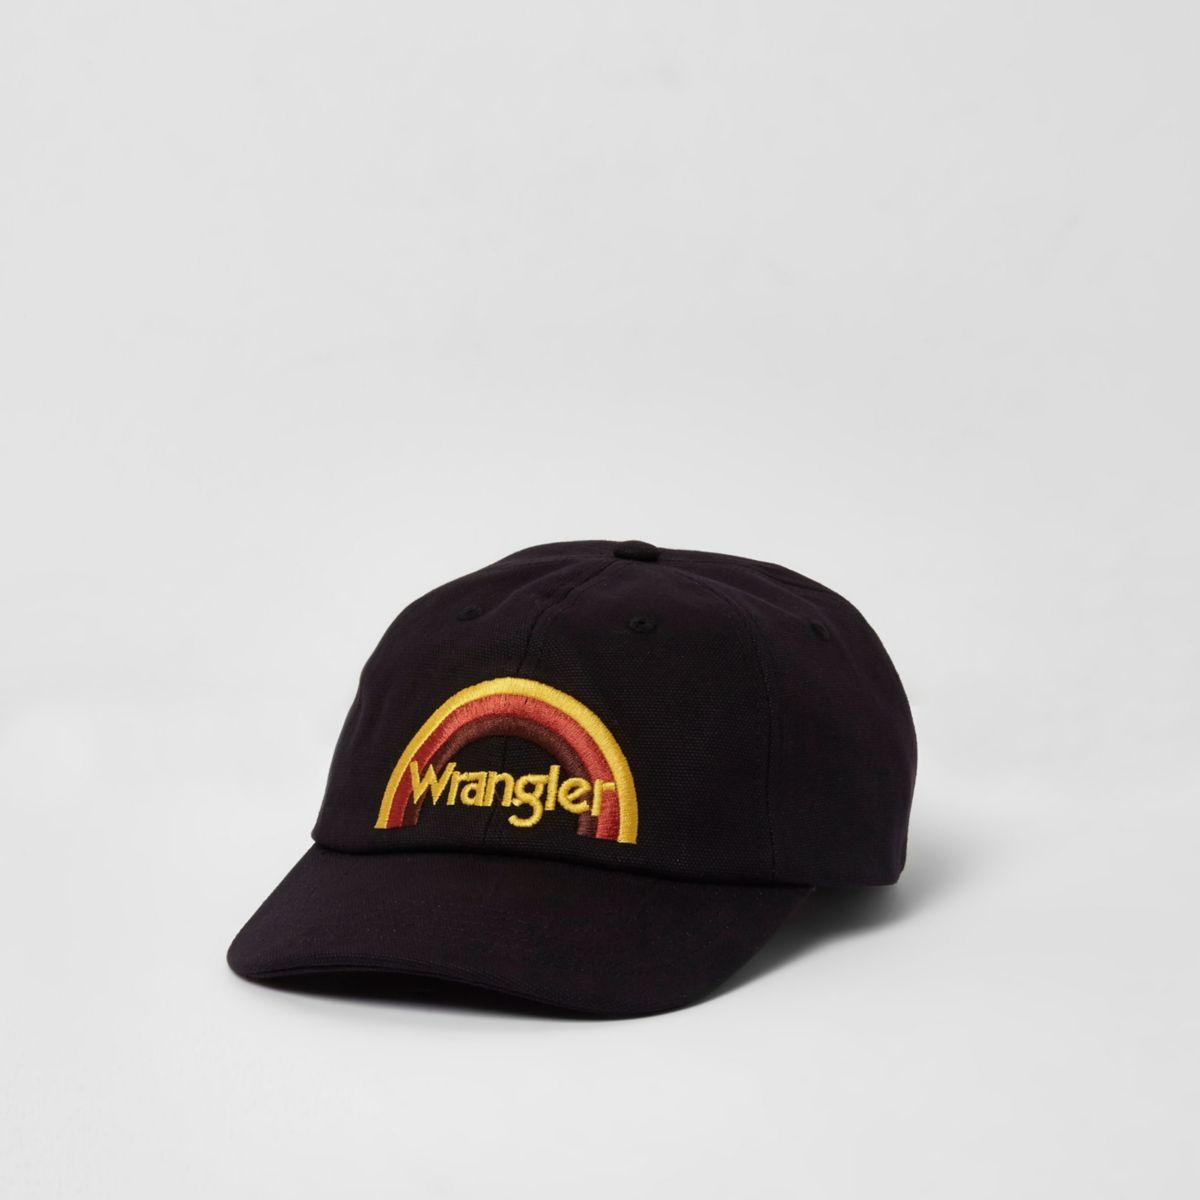 Wrangler - Zwarte baseballpet met regenboog